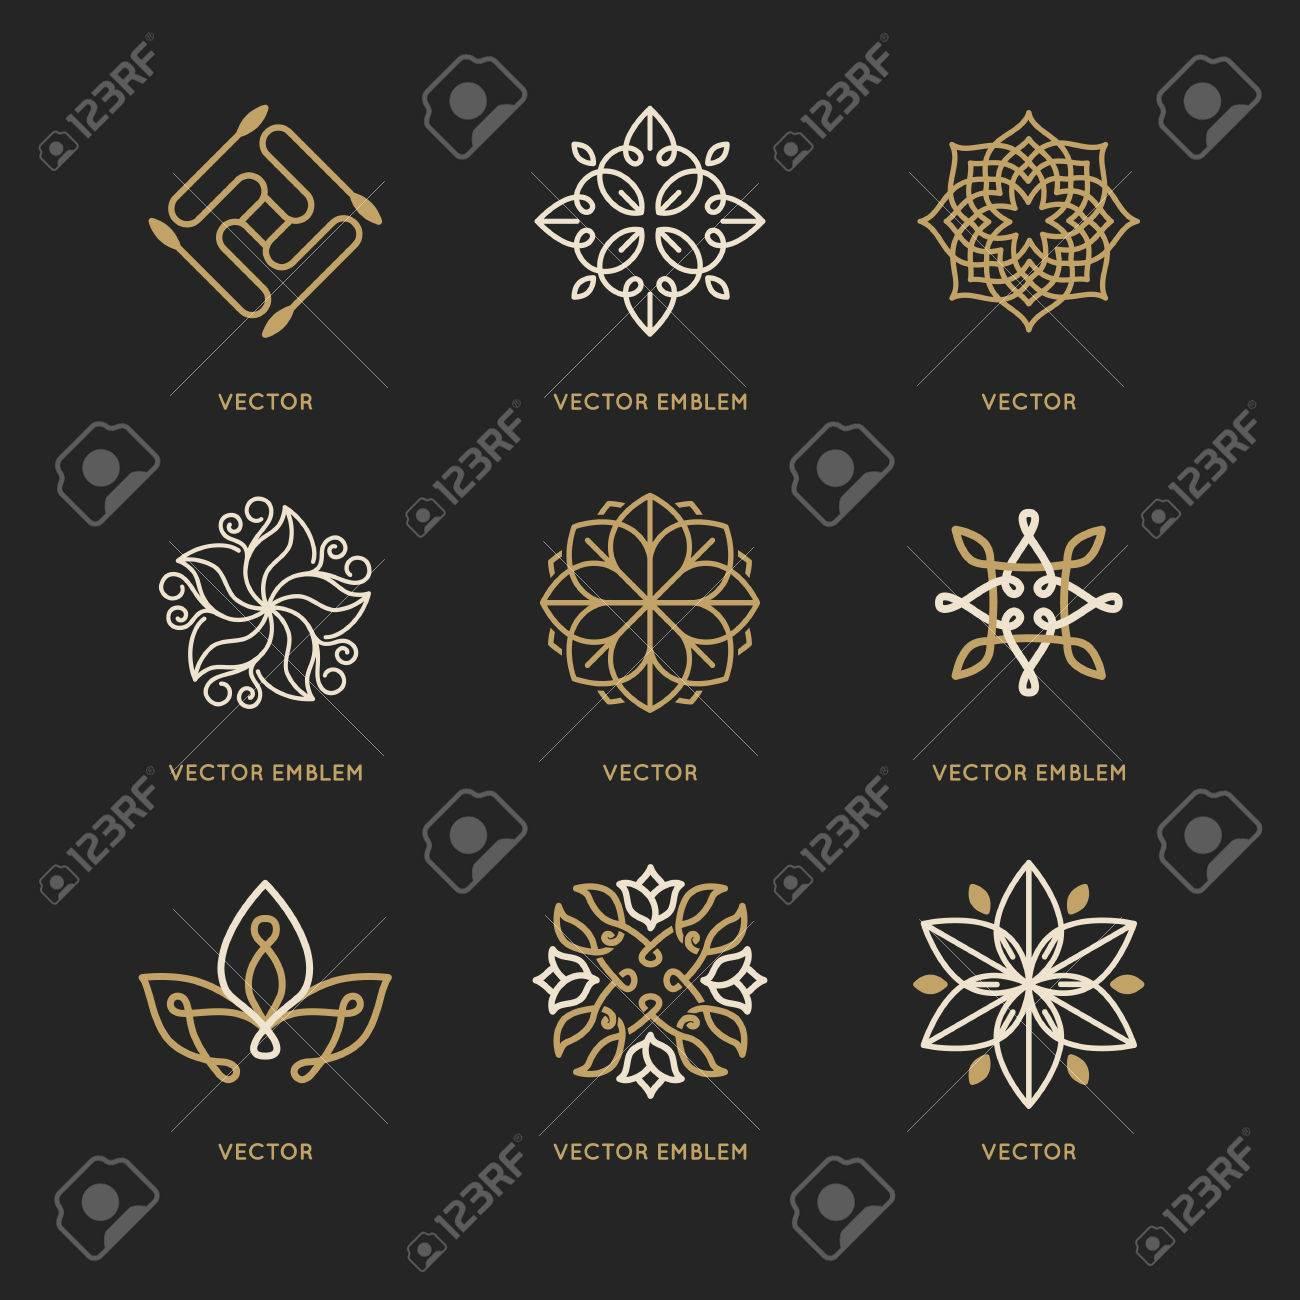 Vector Conjunto De Plantillas De Diseño De Logotipo Y Símbolos De ...